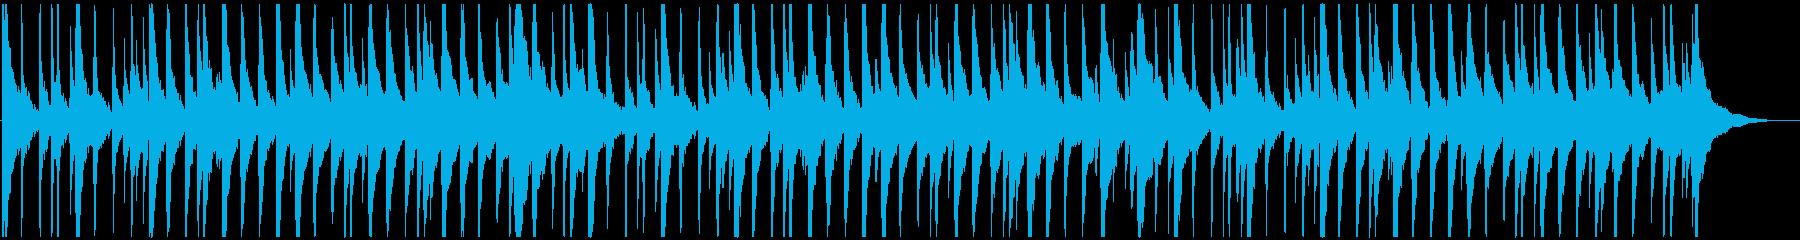 夏の夕暮れに合うノスタルジックなウクレレの再生済みの波形